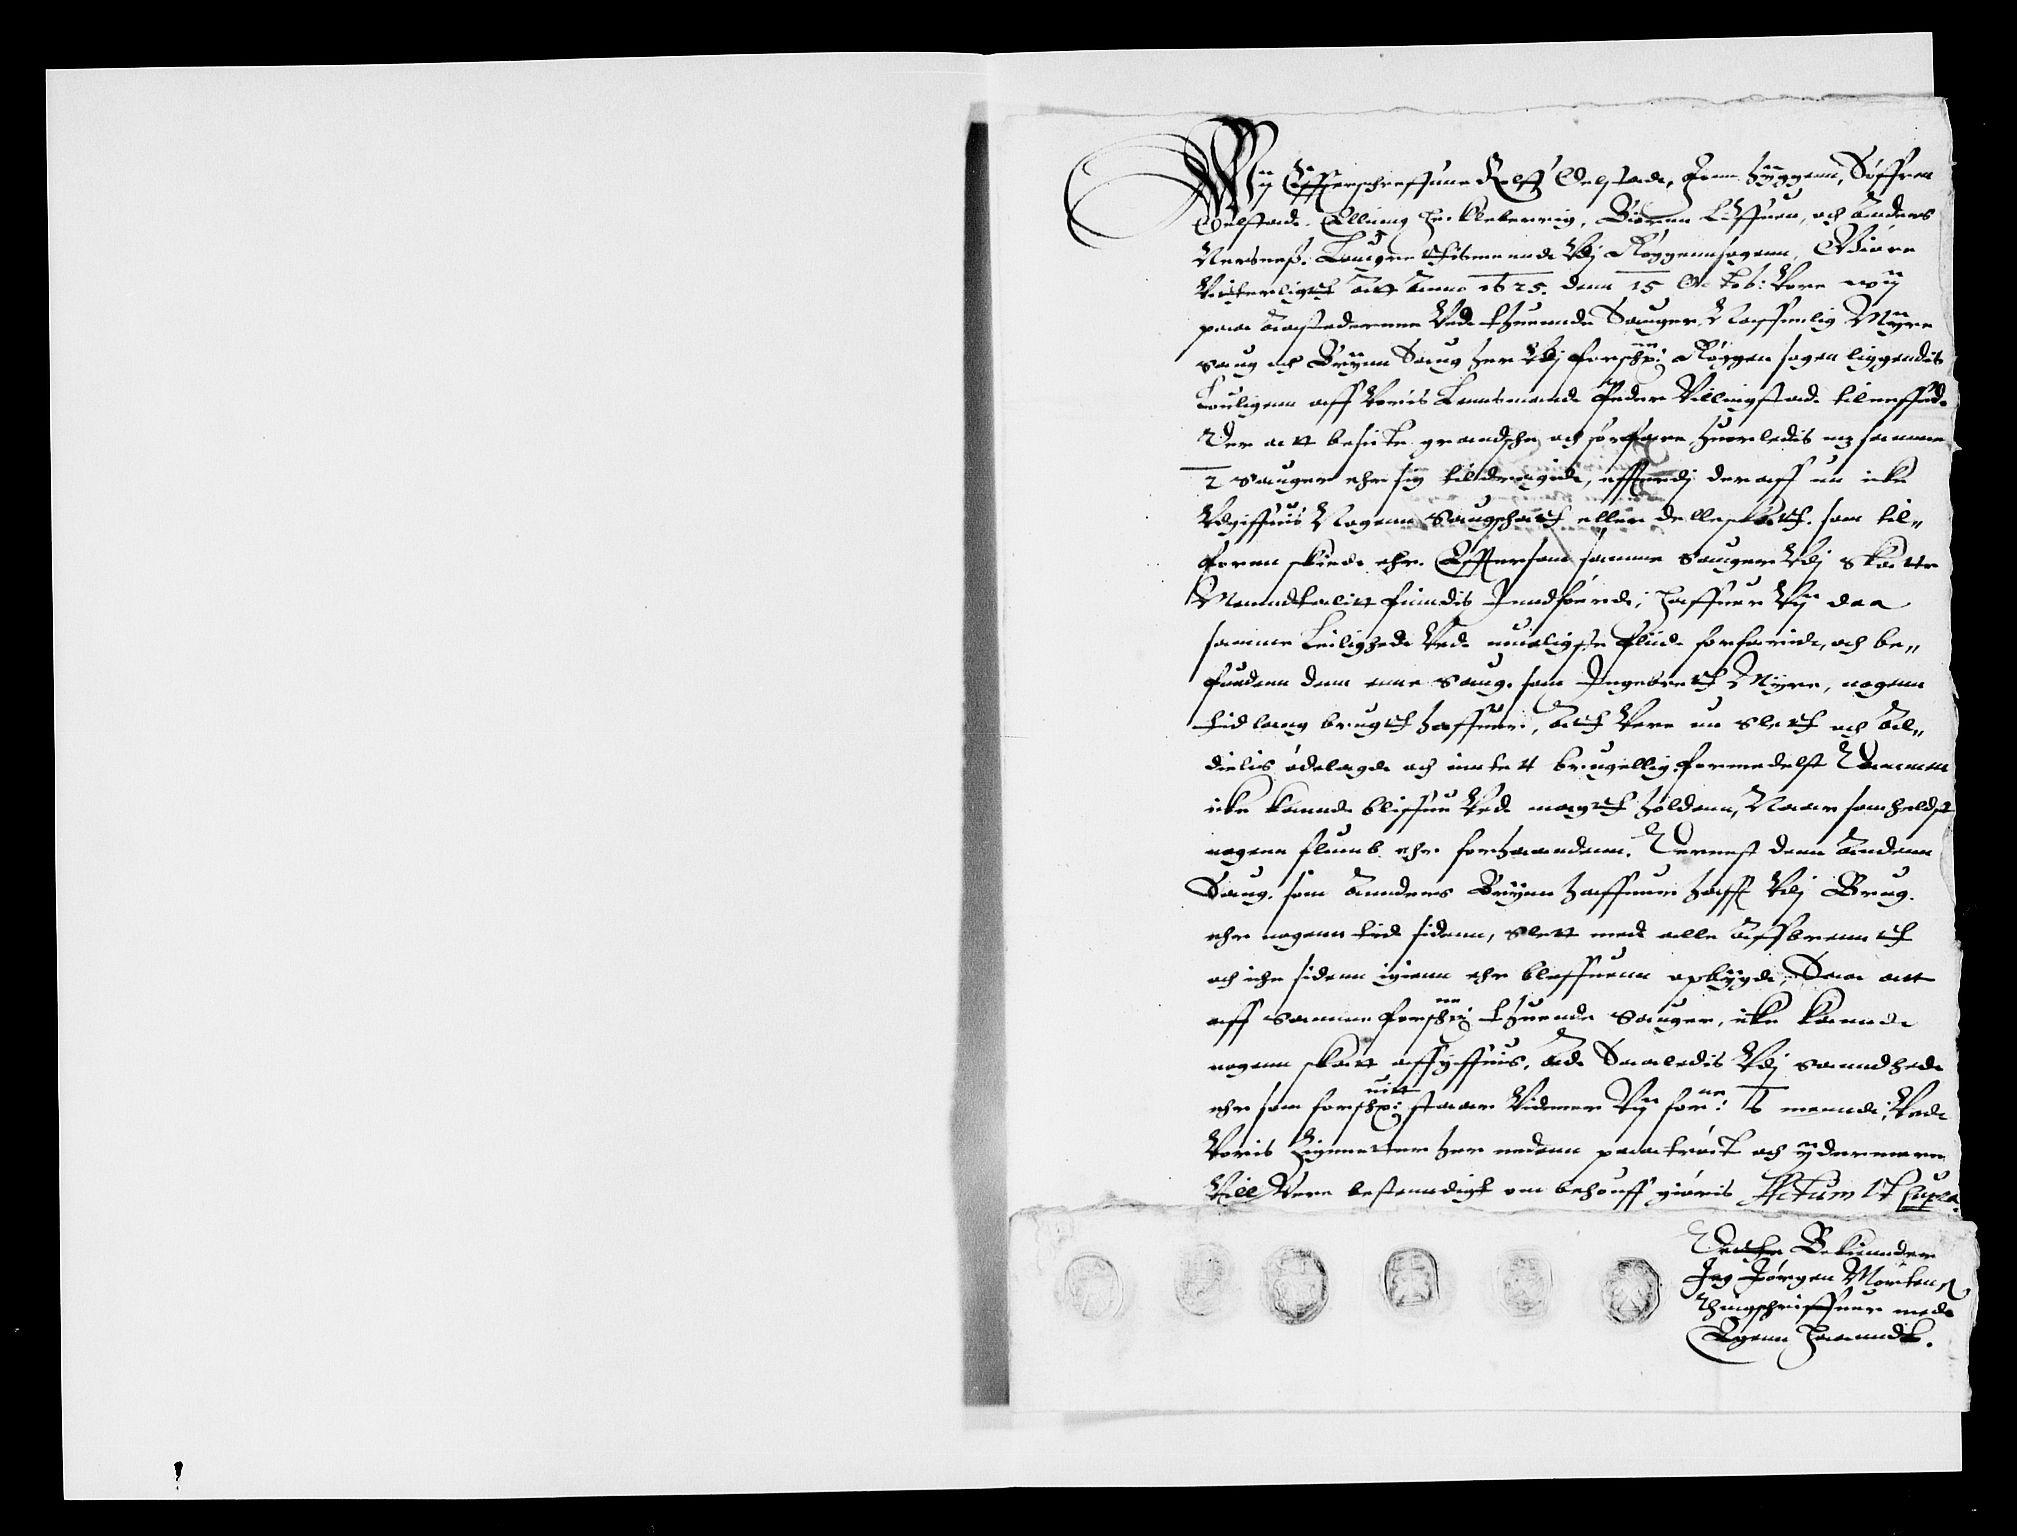 RA, Rentekammeret inntil 1814, Reviderte regnskaper, Lensregnskaper, R/Rb/Rba/L0074: Akershus len, 1625